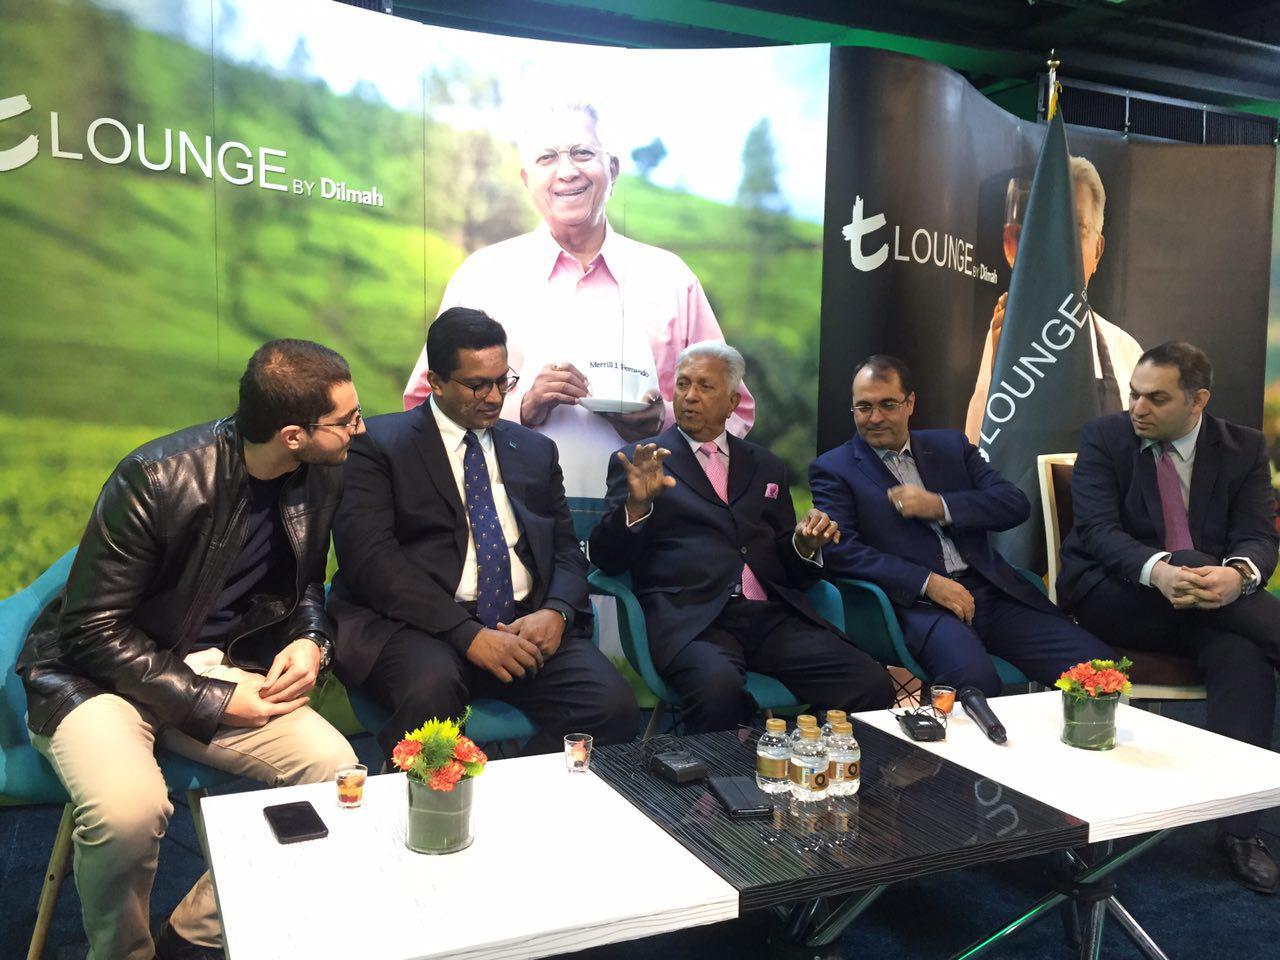 حضور یکی از مشهورترین تستر های چای دنیا در ایران (+عکس)